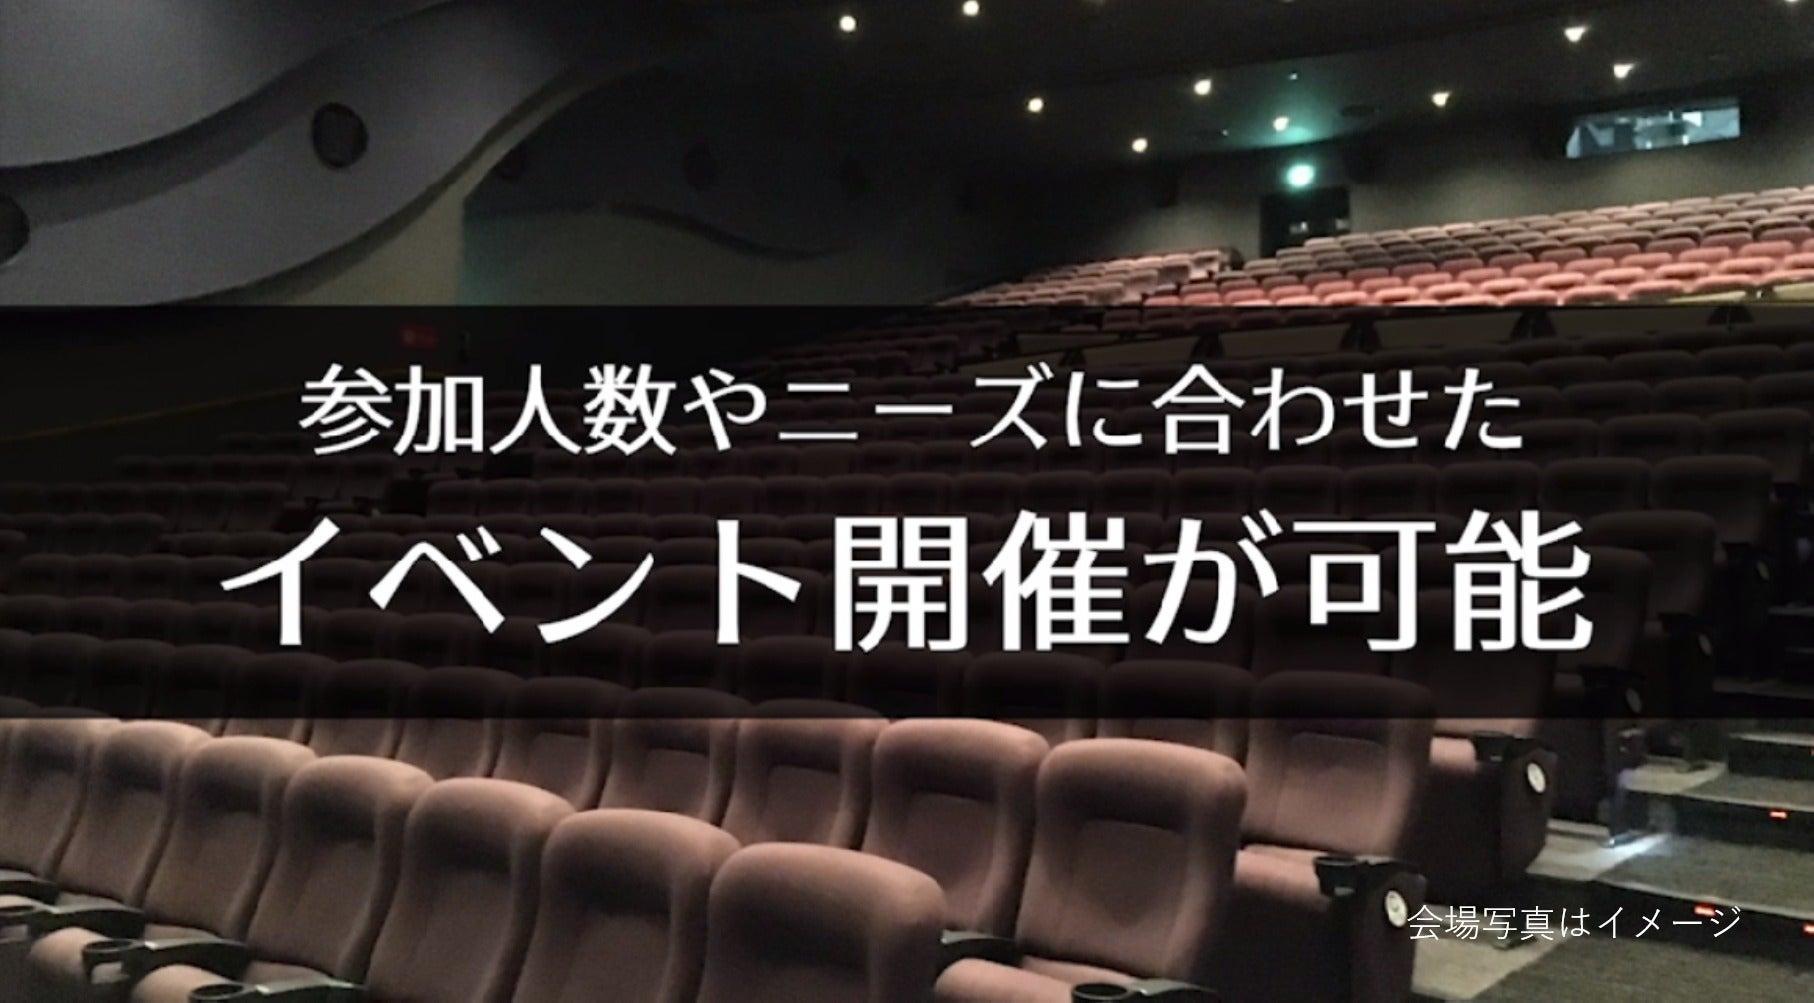 【大津 148席】映画館で、会社説明会、株主総会、講演会の企画はいかがですか?